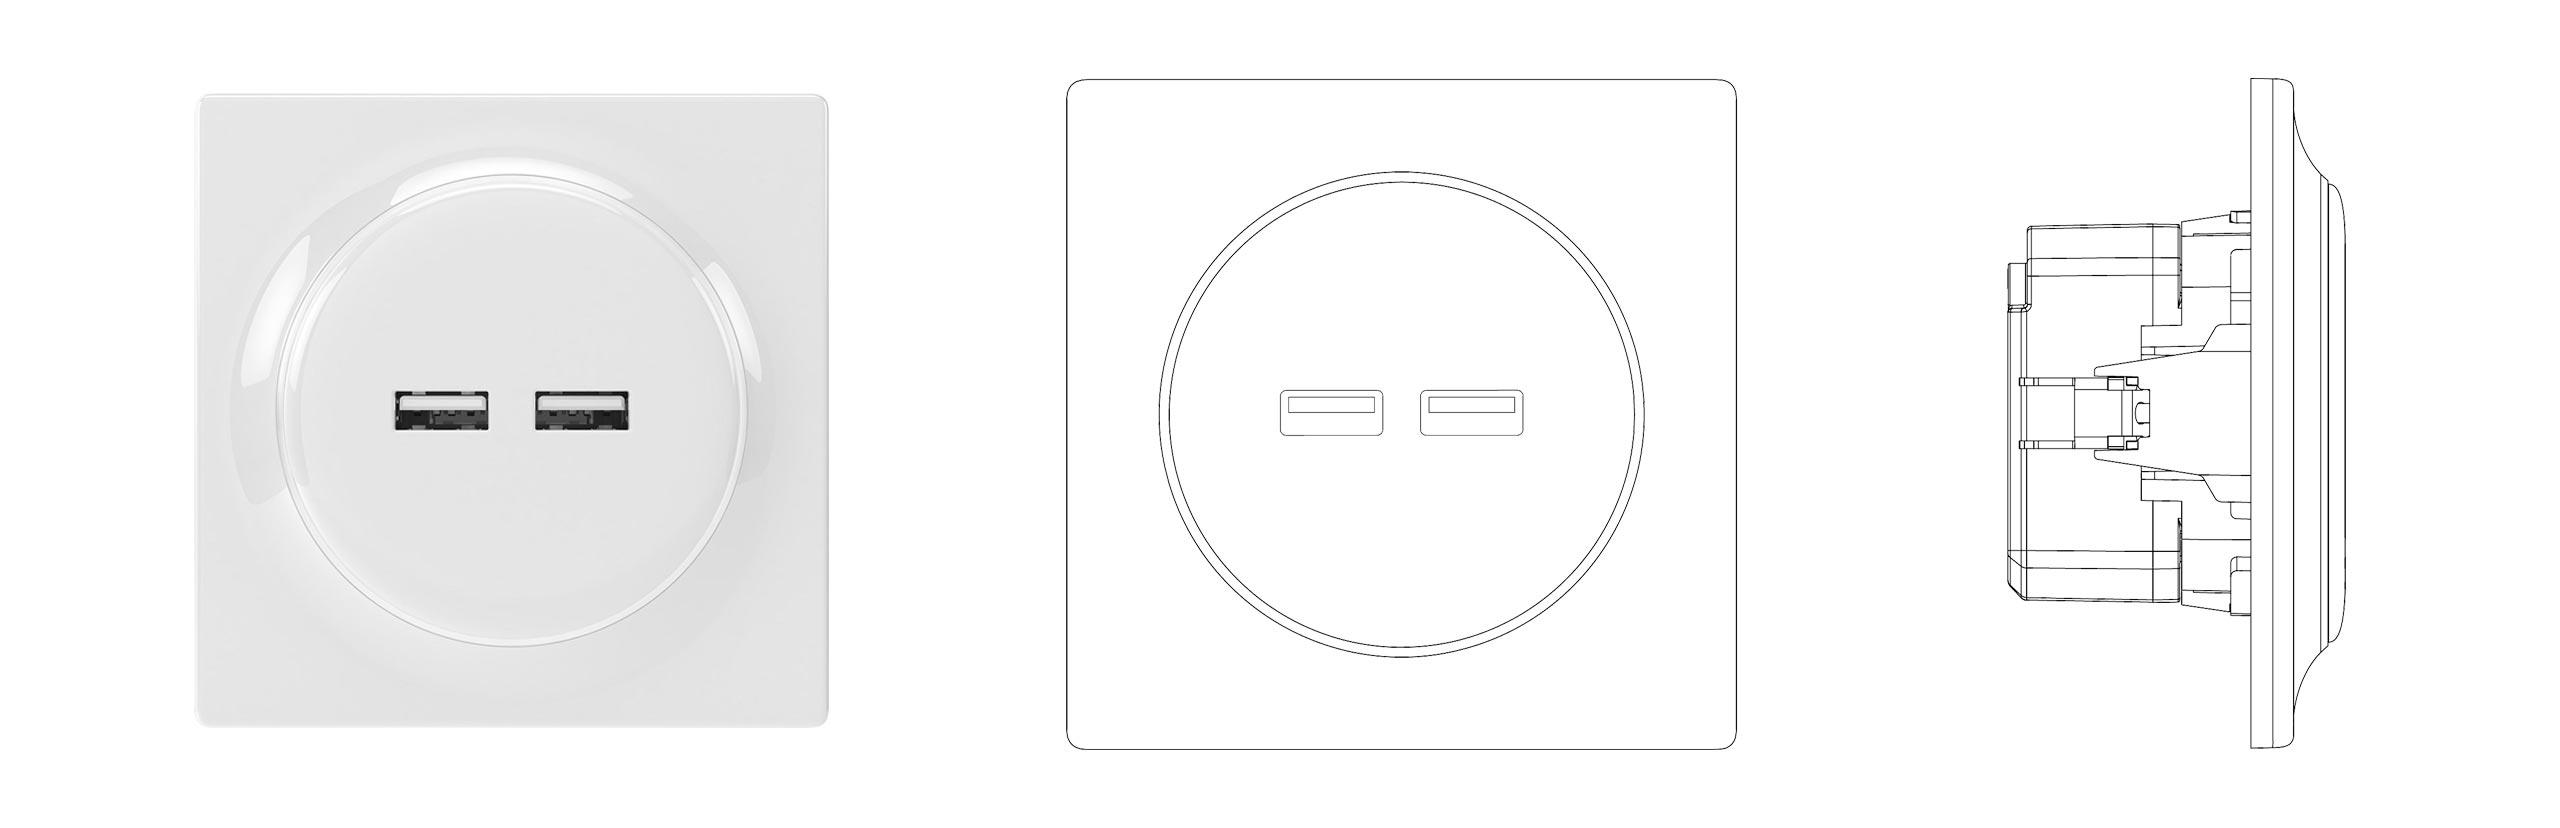 Fibaro-Walli-N-USB-Outlet-FGWU-021